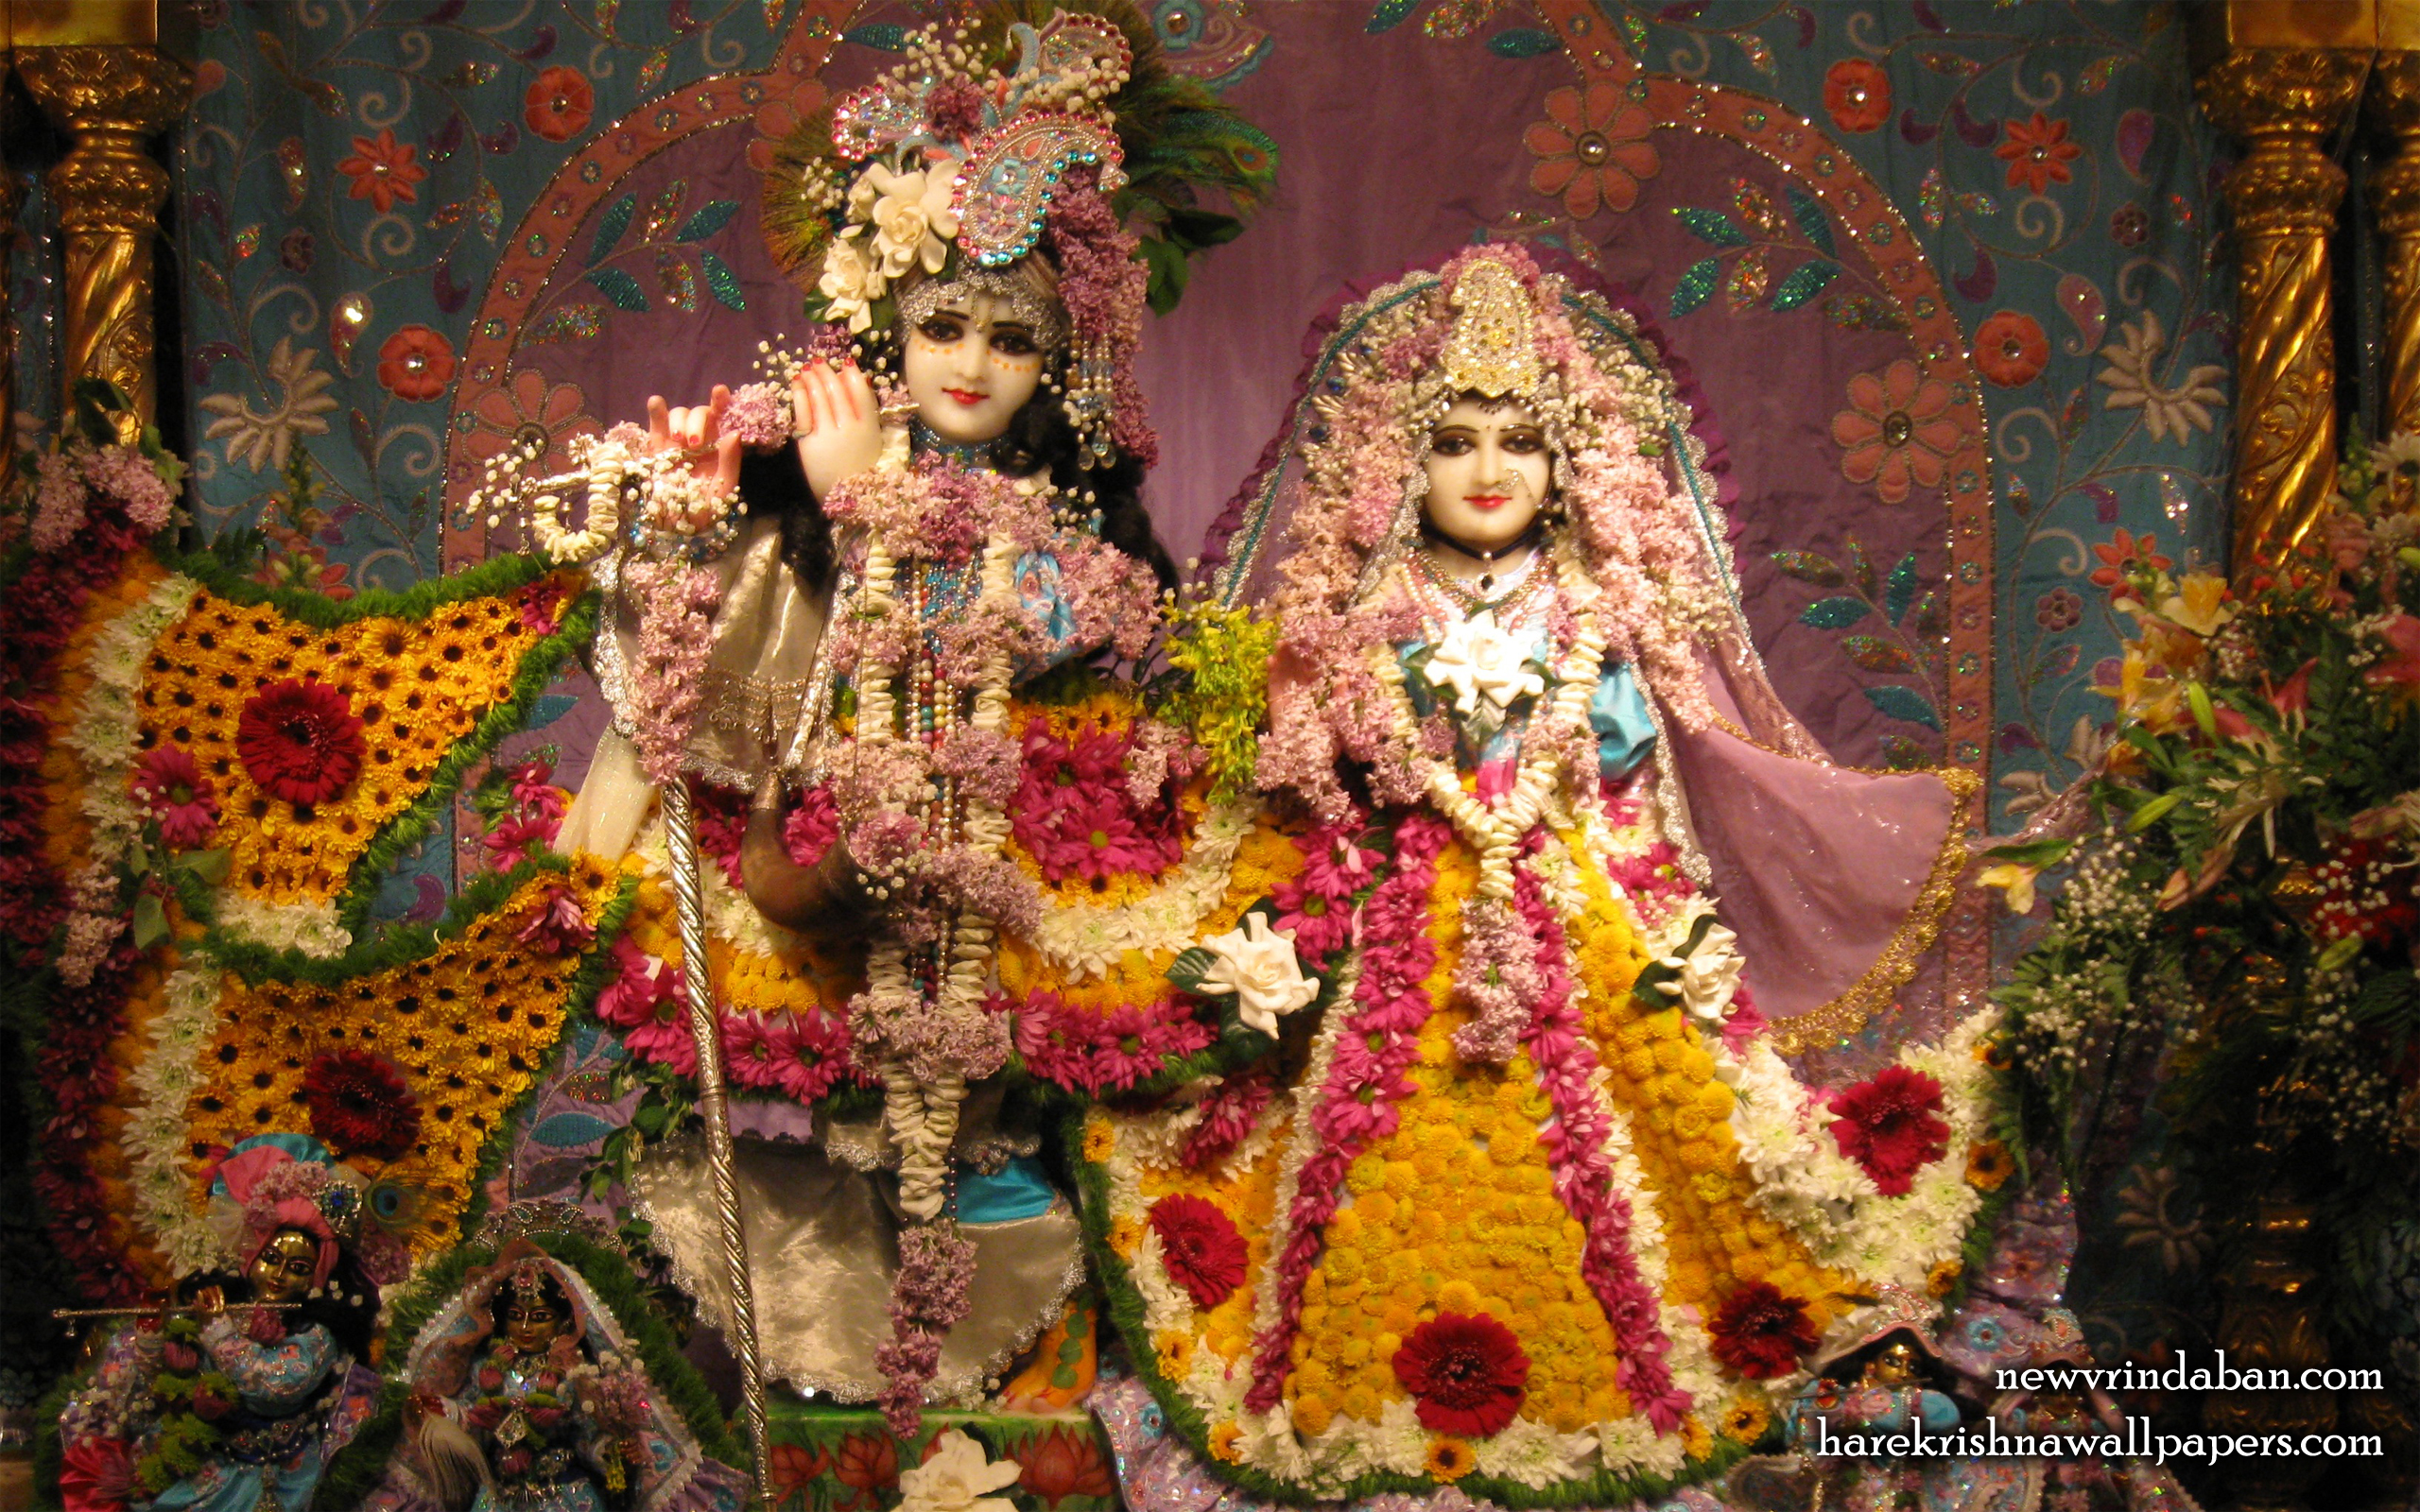 Sri Sri Radha Vrindavana Chandra Wallpaper (005) Size 2560x1600 Download